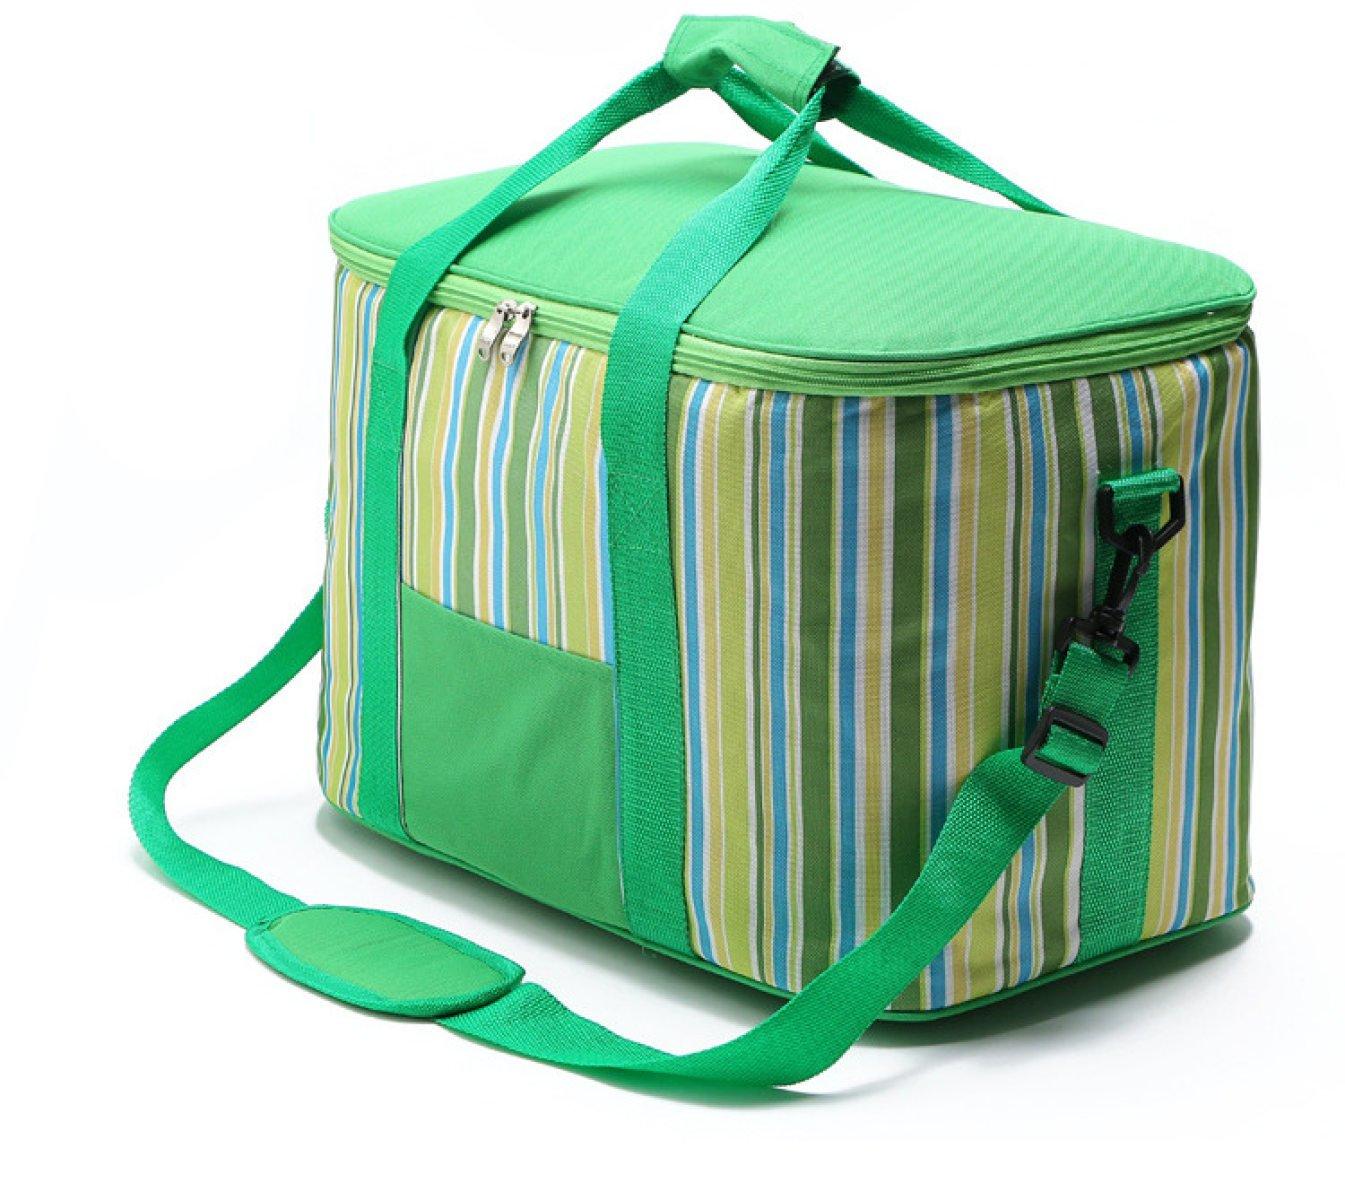 Tragbare Eisbeutel Polyester Dichte Isolierung Paket Outdoor-Picknick-Taschen Snack-Beutel Auto